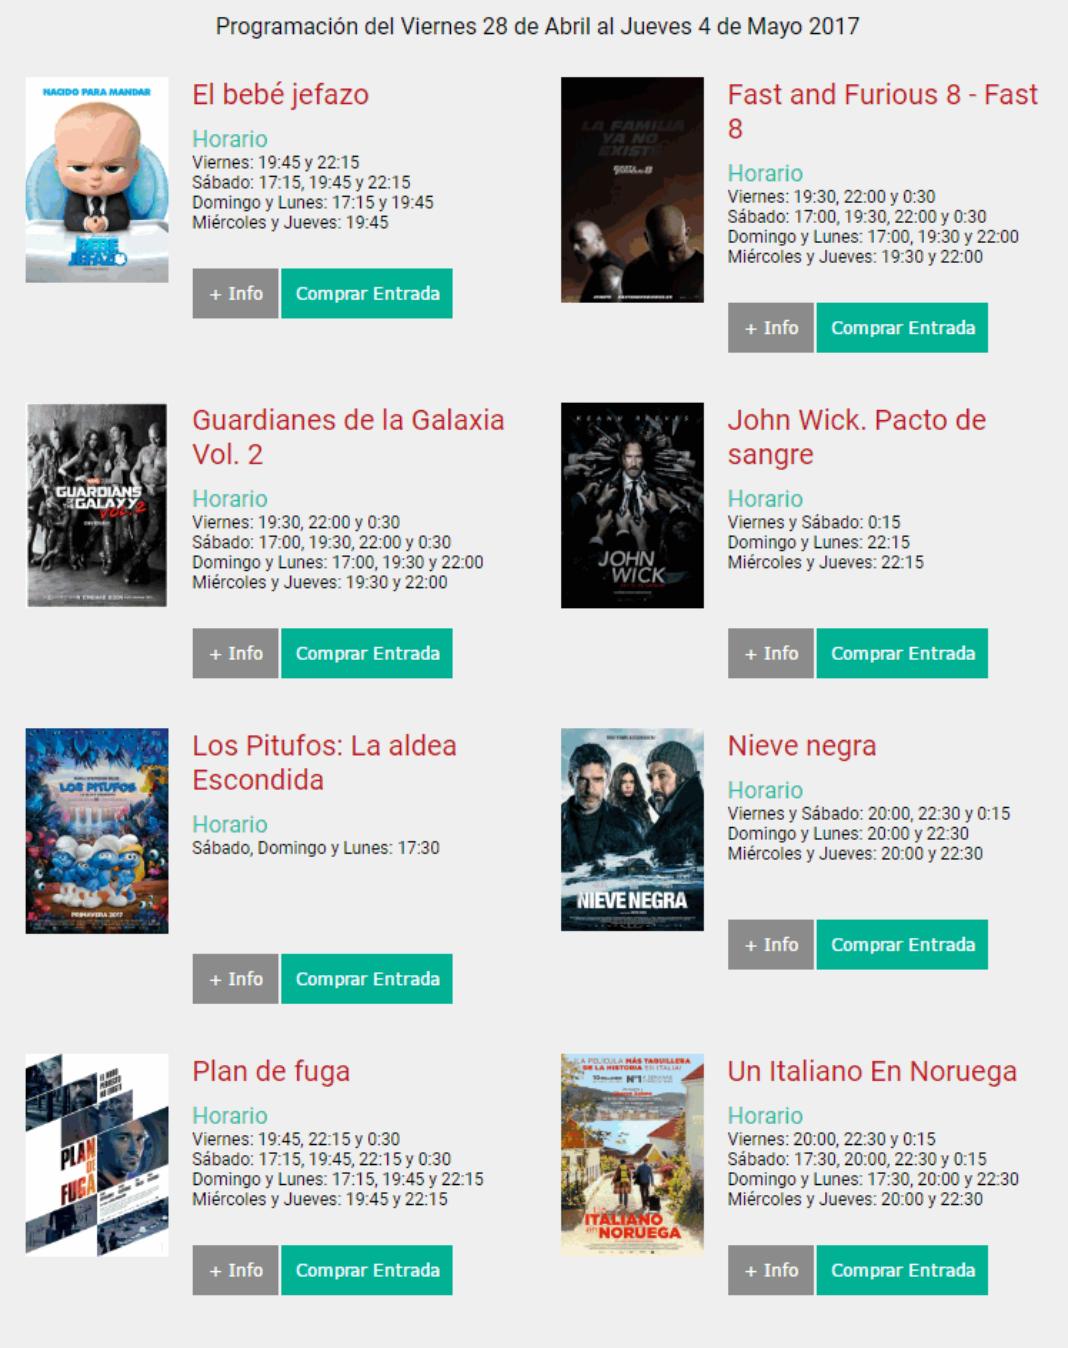 Cartelera Cinemancha 1068x1348 - Cartelera Cinemancha del viernes 28 de abril al jueves 4 de mayo